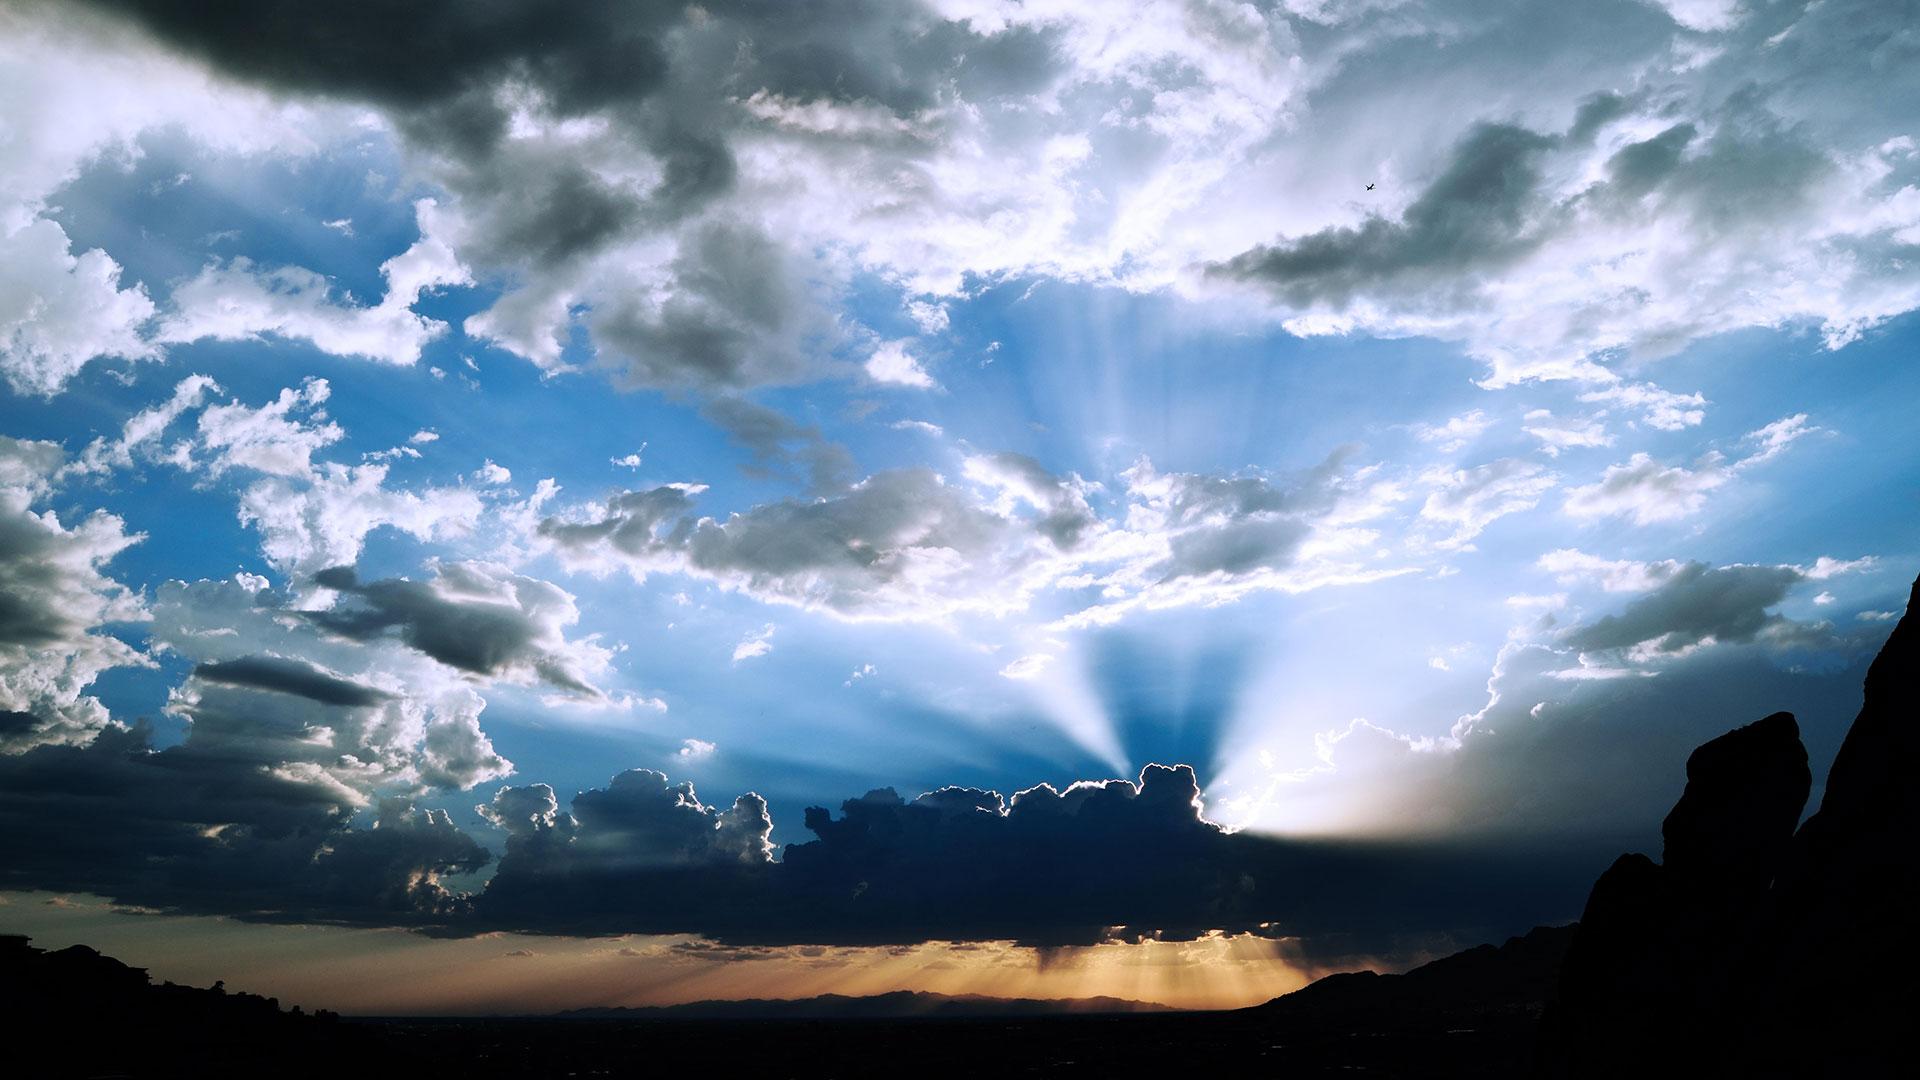 Storm clouds settle over Phoenix.